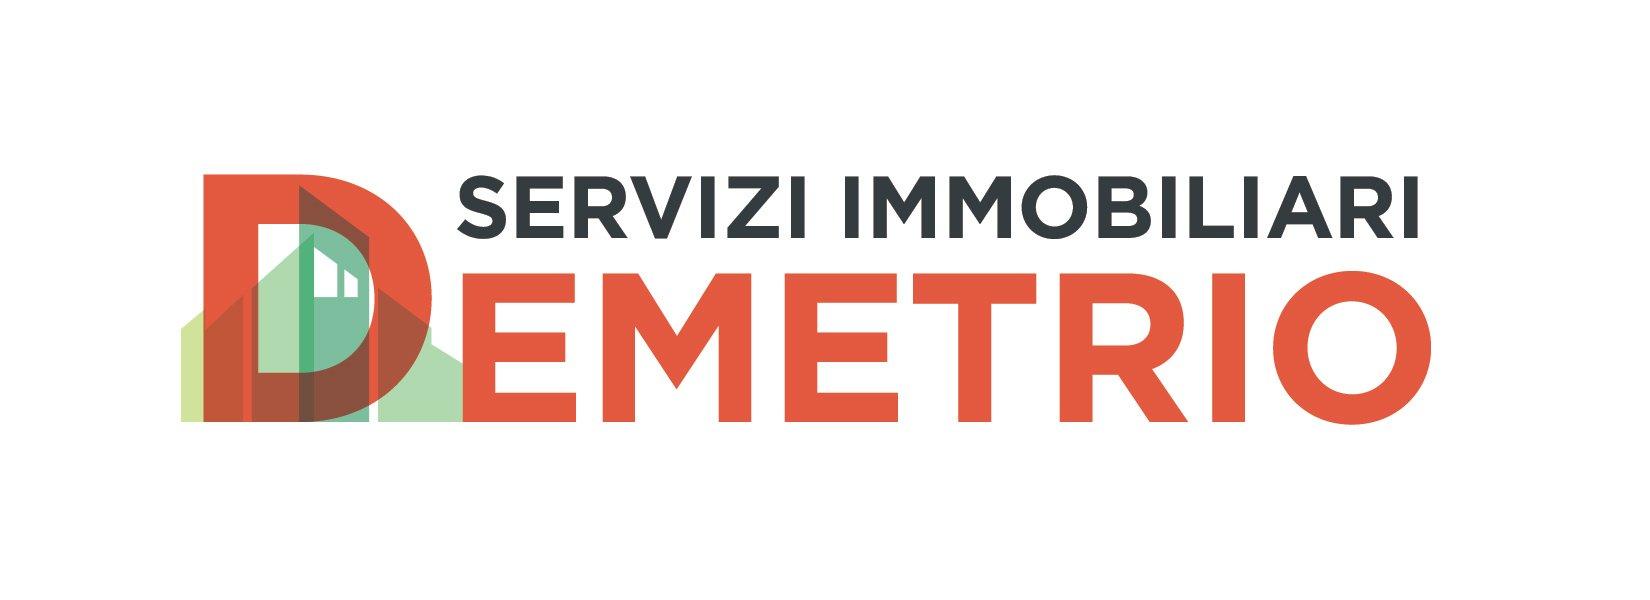 Demetrio Servizi Immobiliari